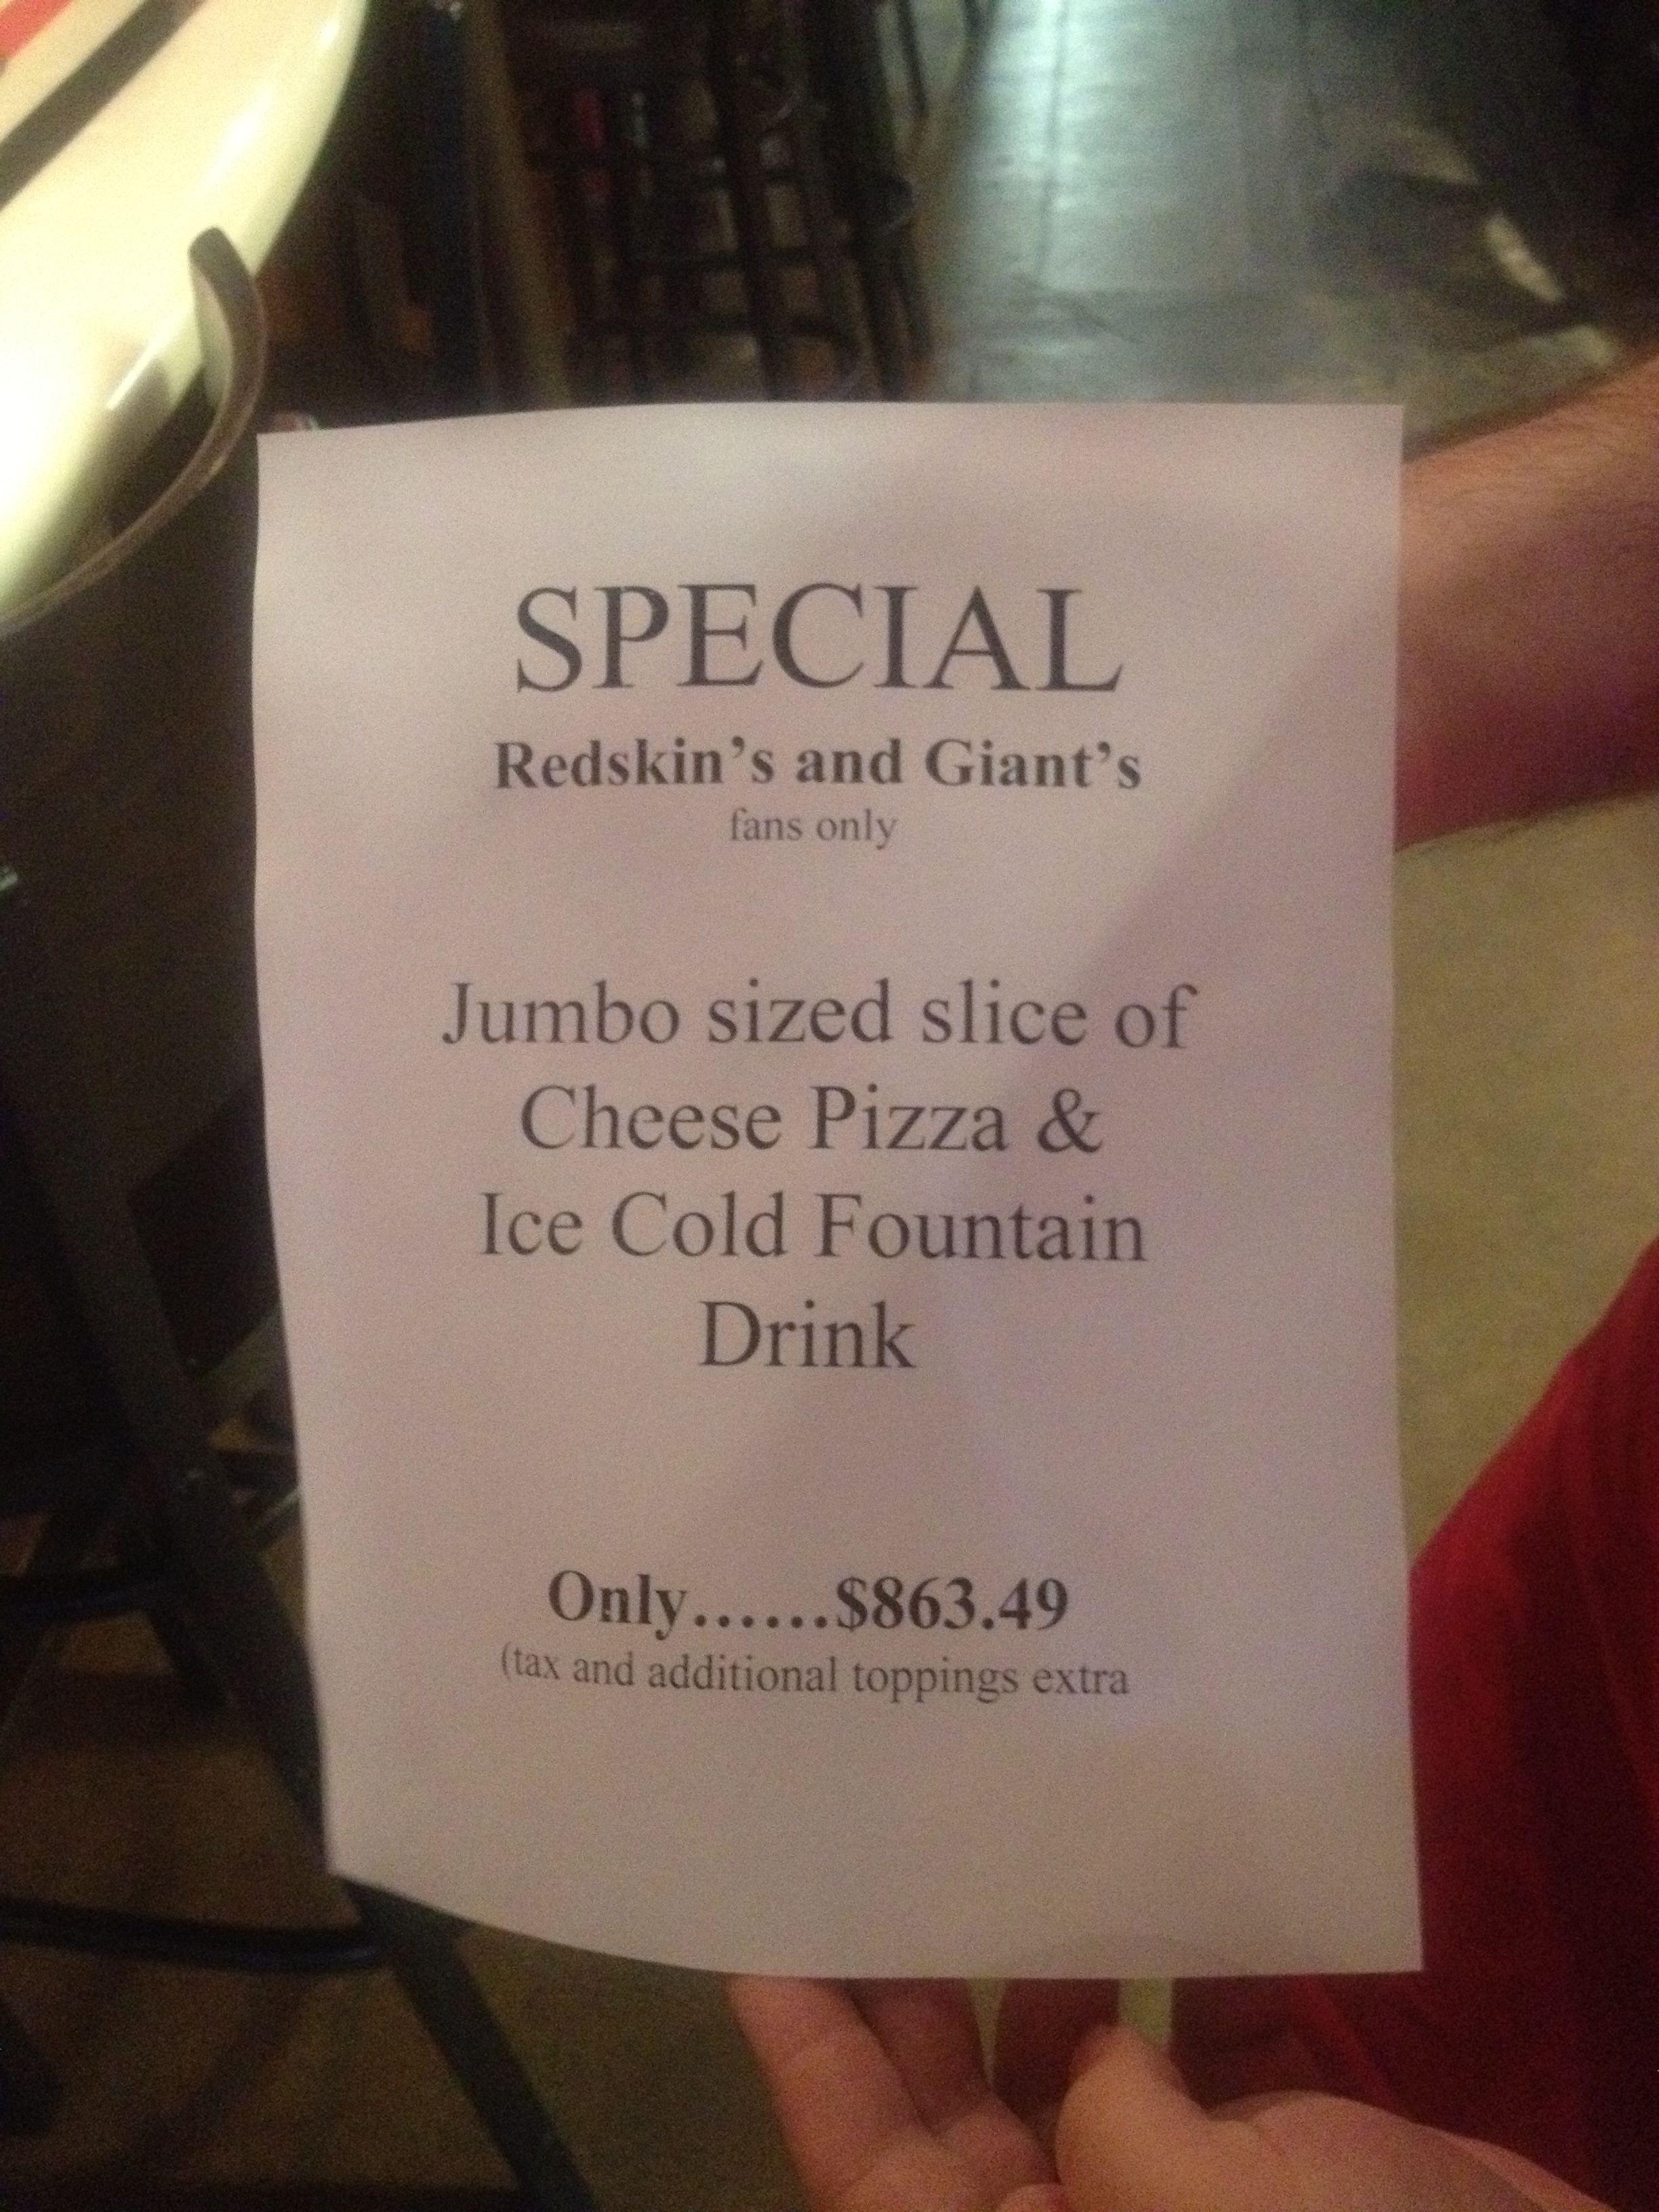 Pizzeria In Dallas Ff Said